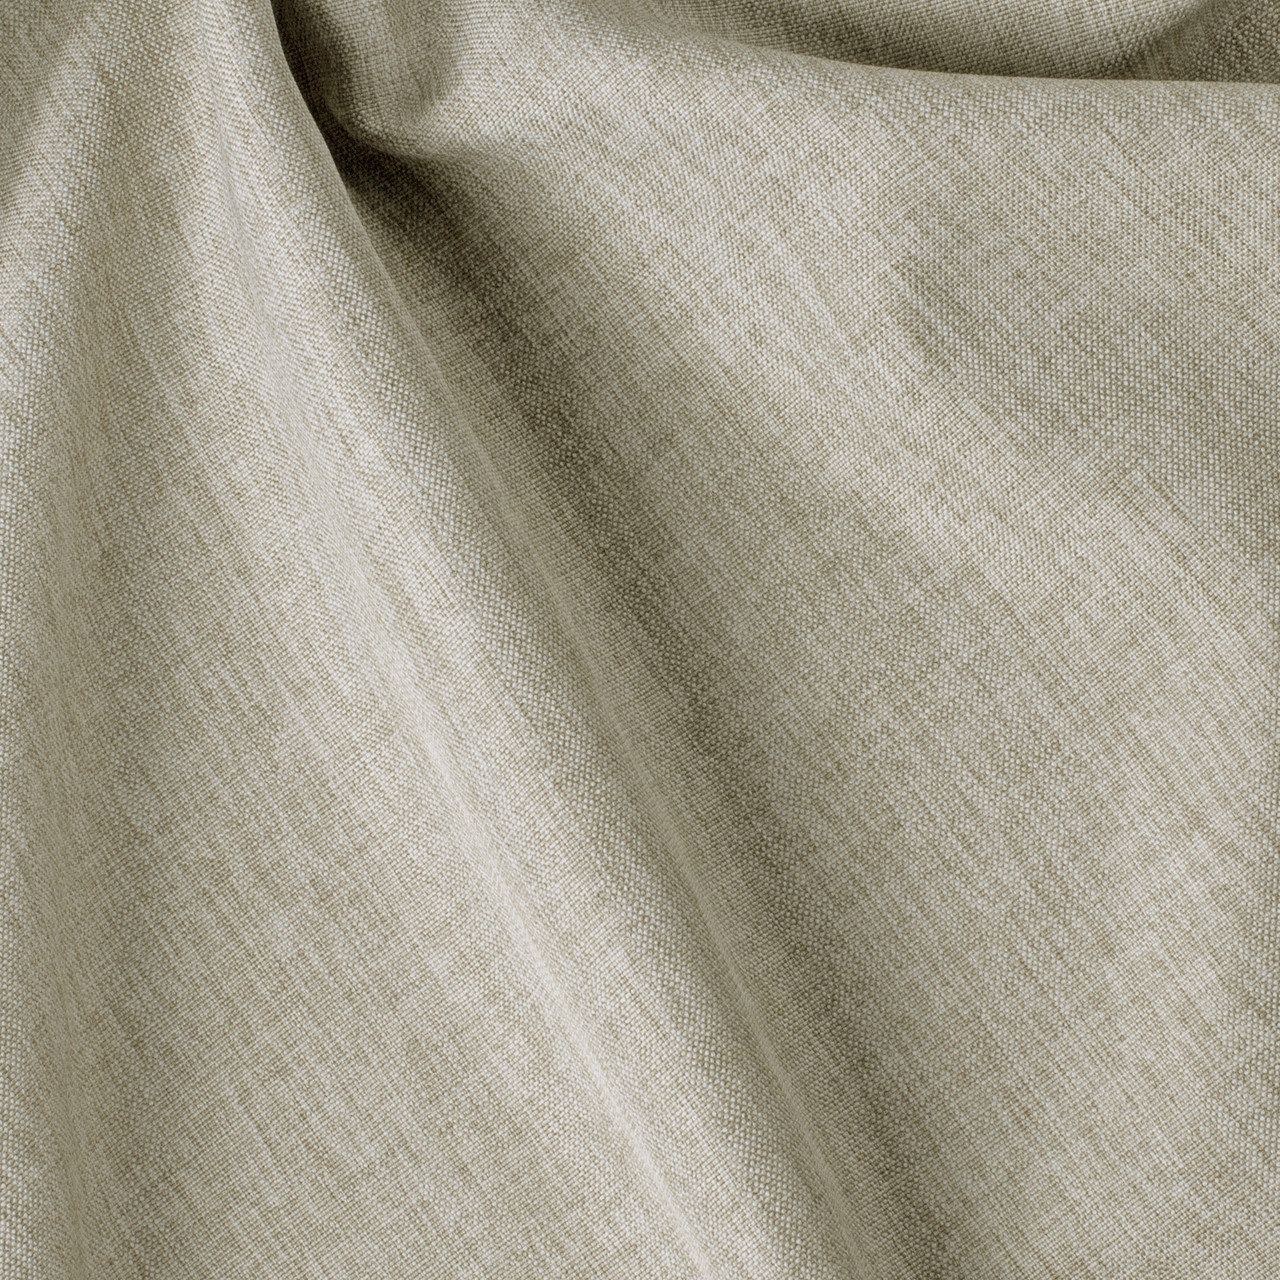 Декоративная однотонная рогожка серого цвета для штор 84448v5